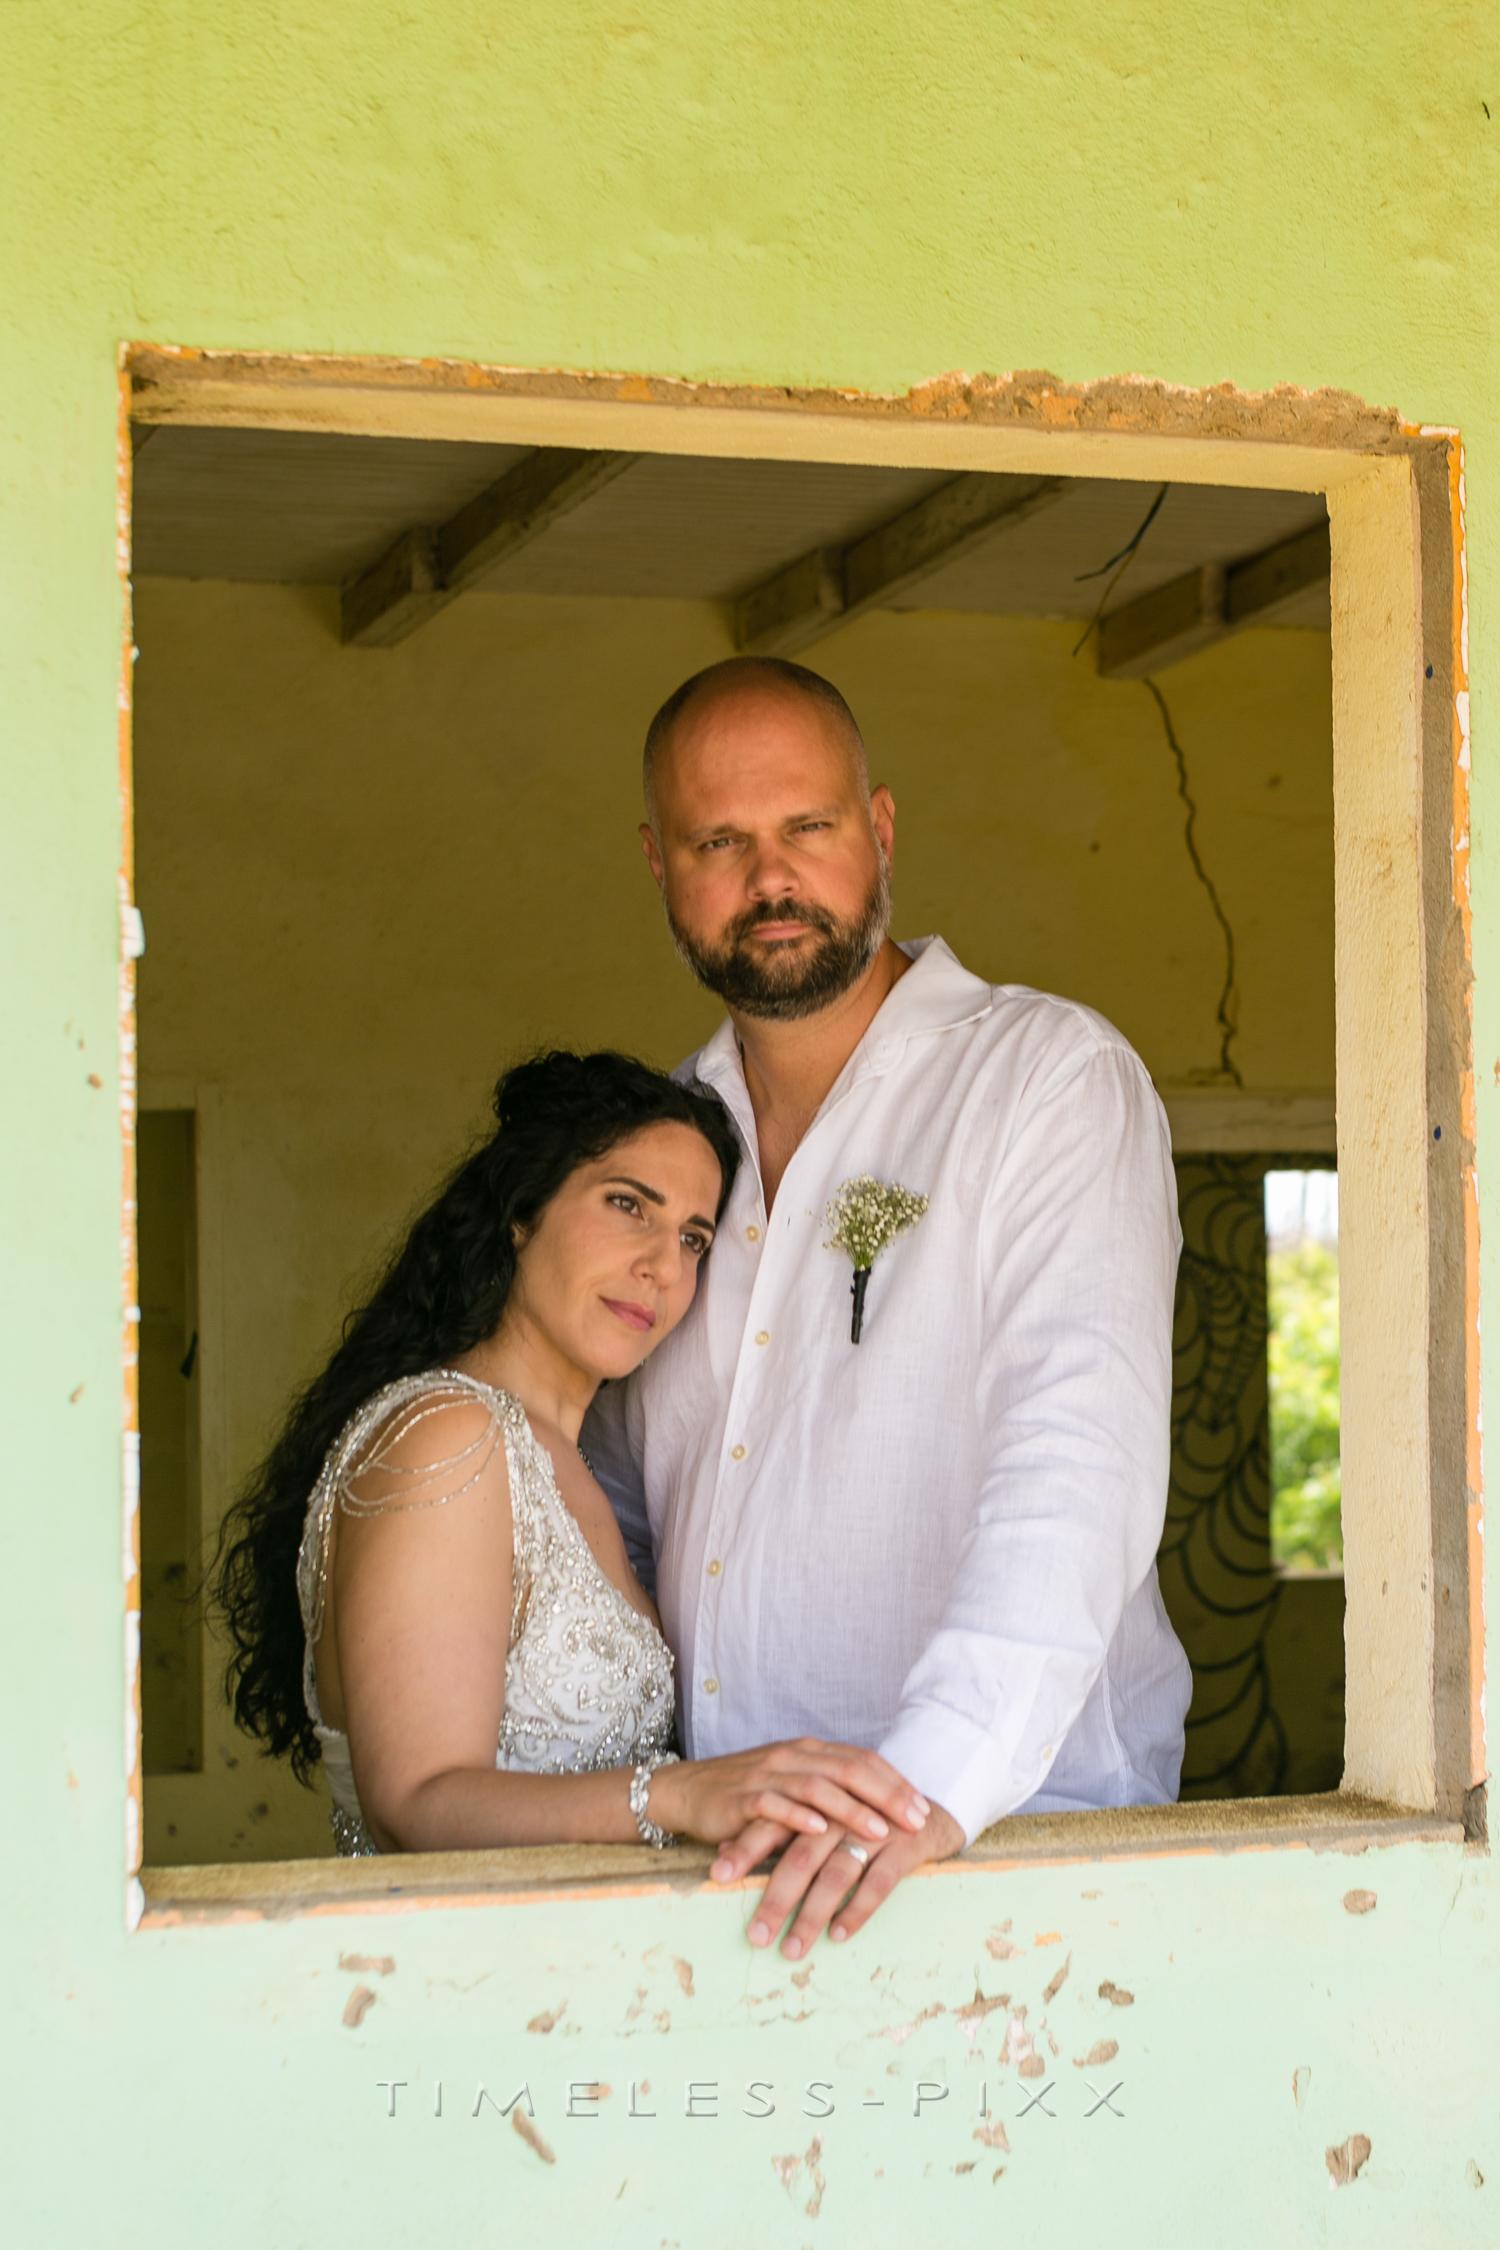 Honeymoons in Aruba